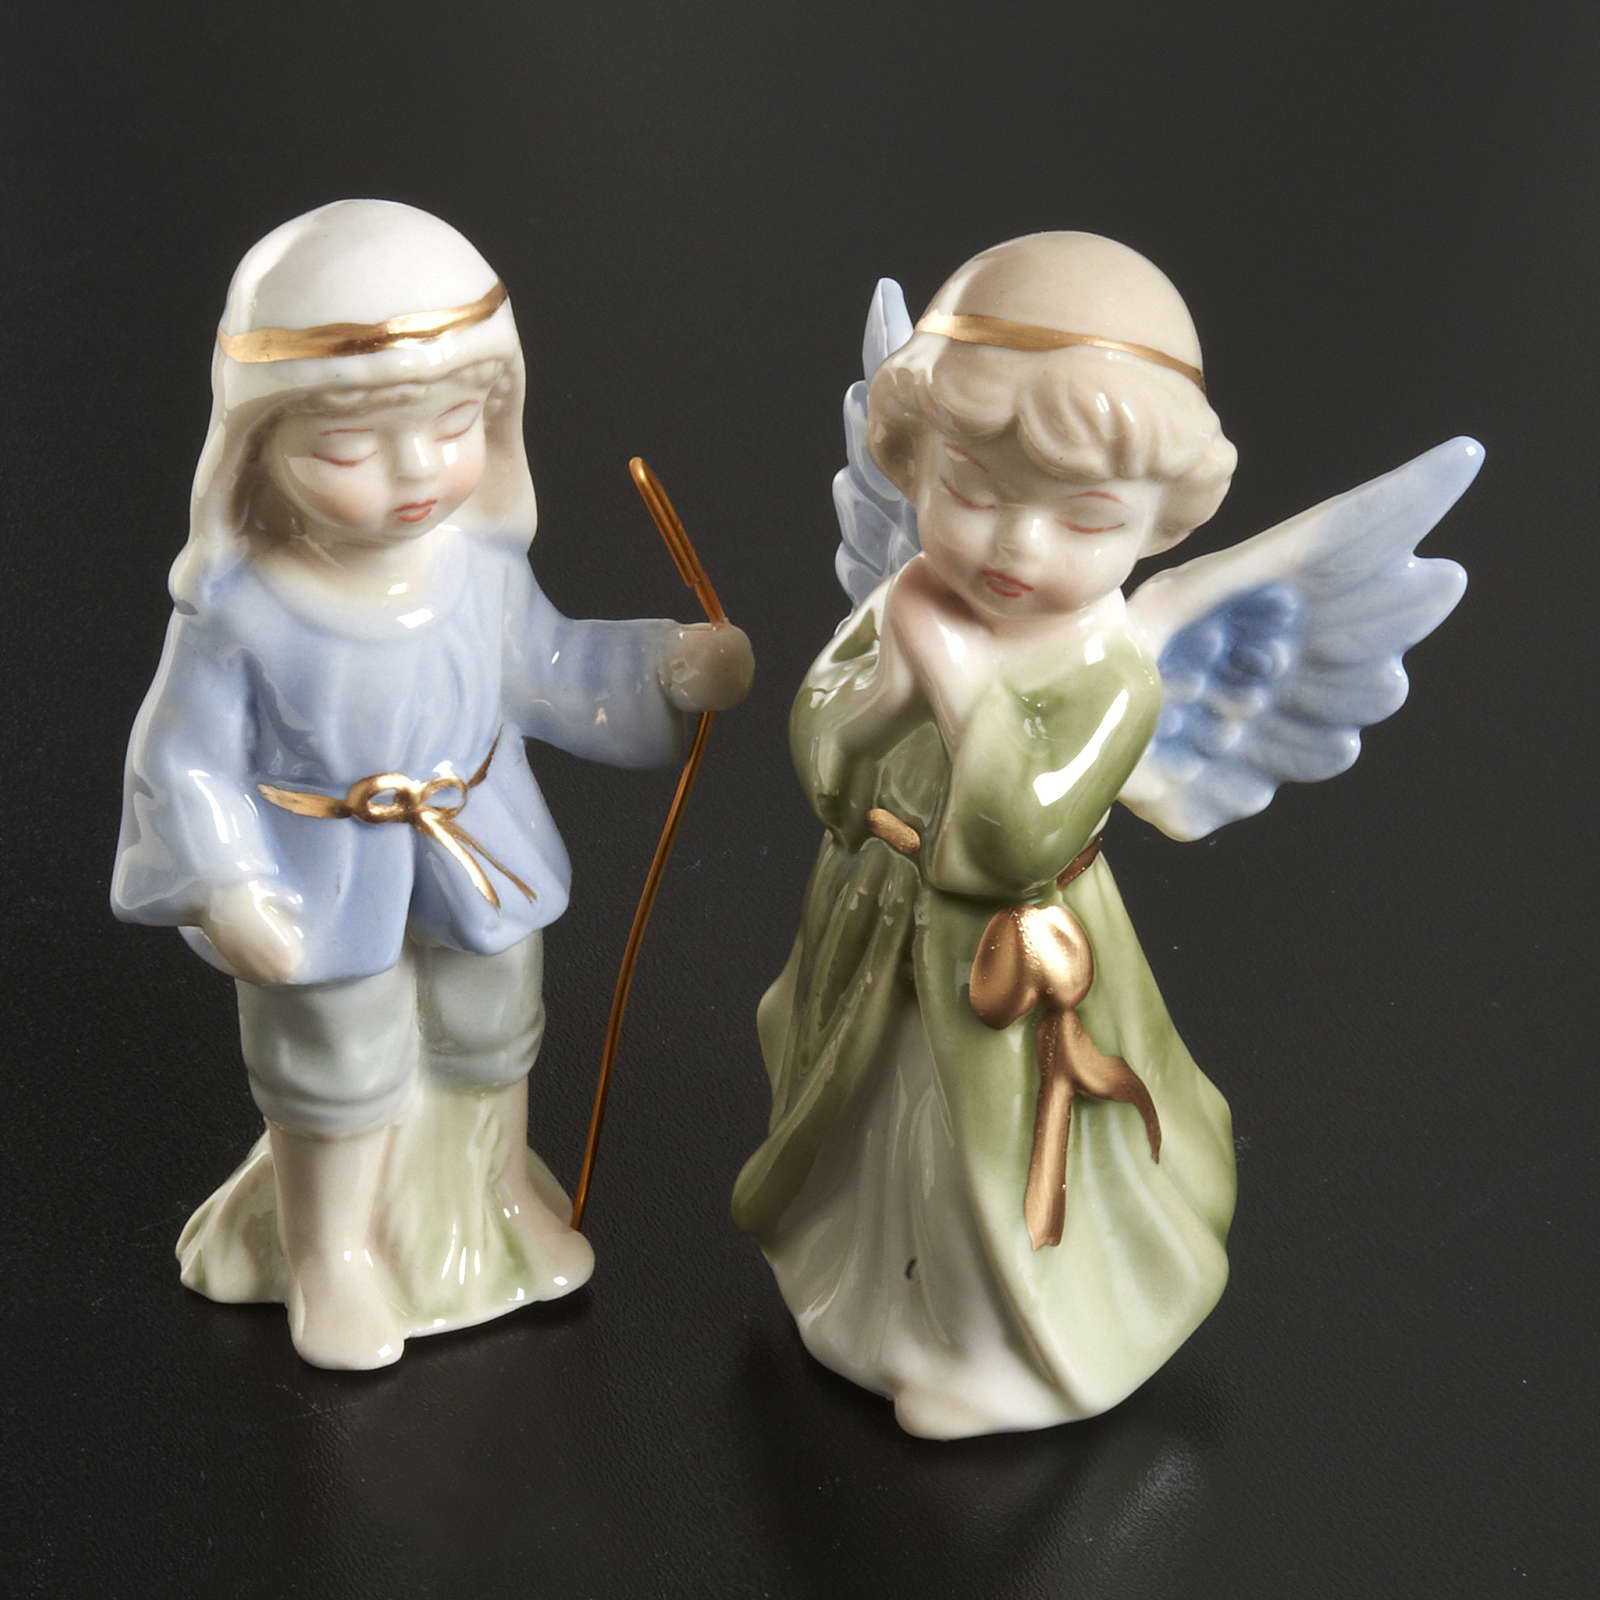 Nativity scene in ceramic, 11 figurines 10cm 4